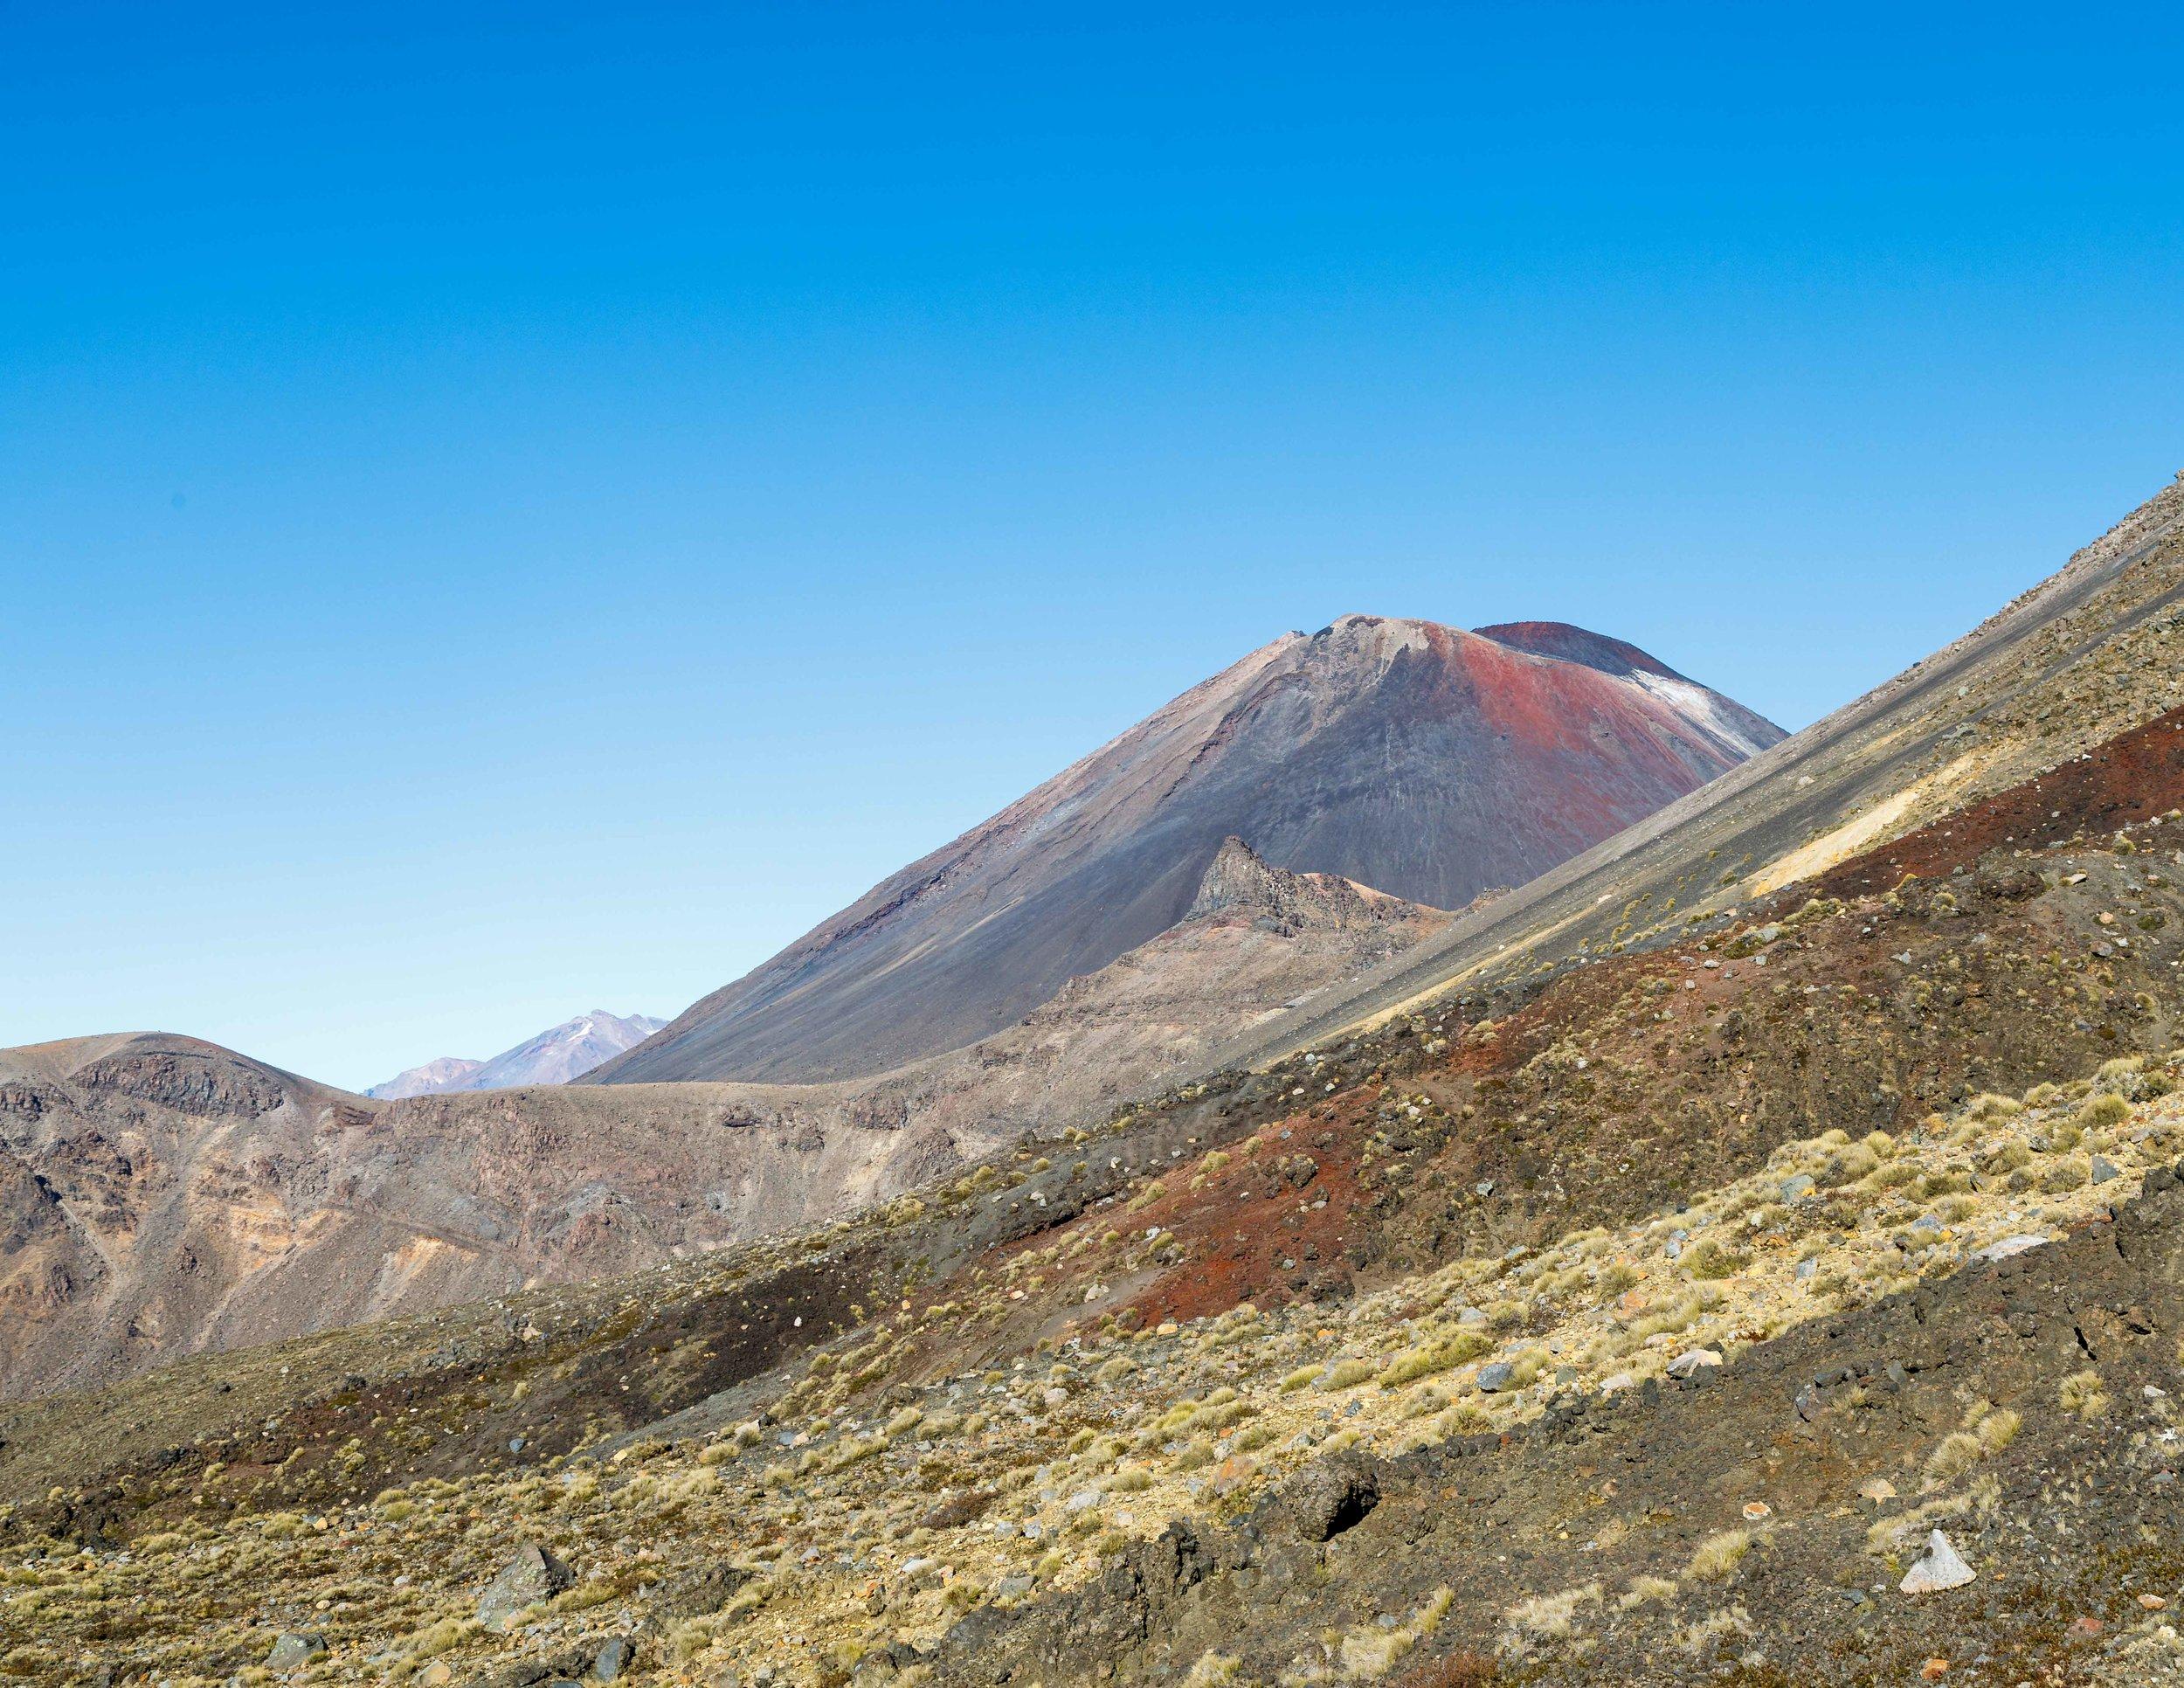 Mount Ngauruhoe and Mount Ruapheu in the distance